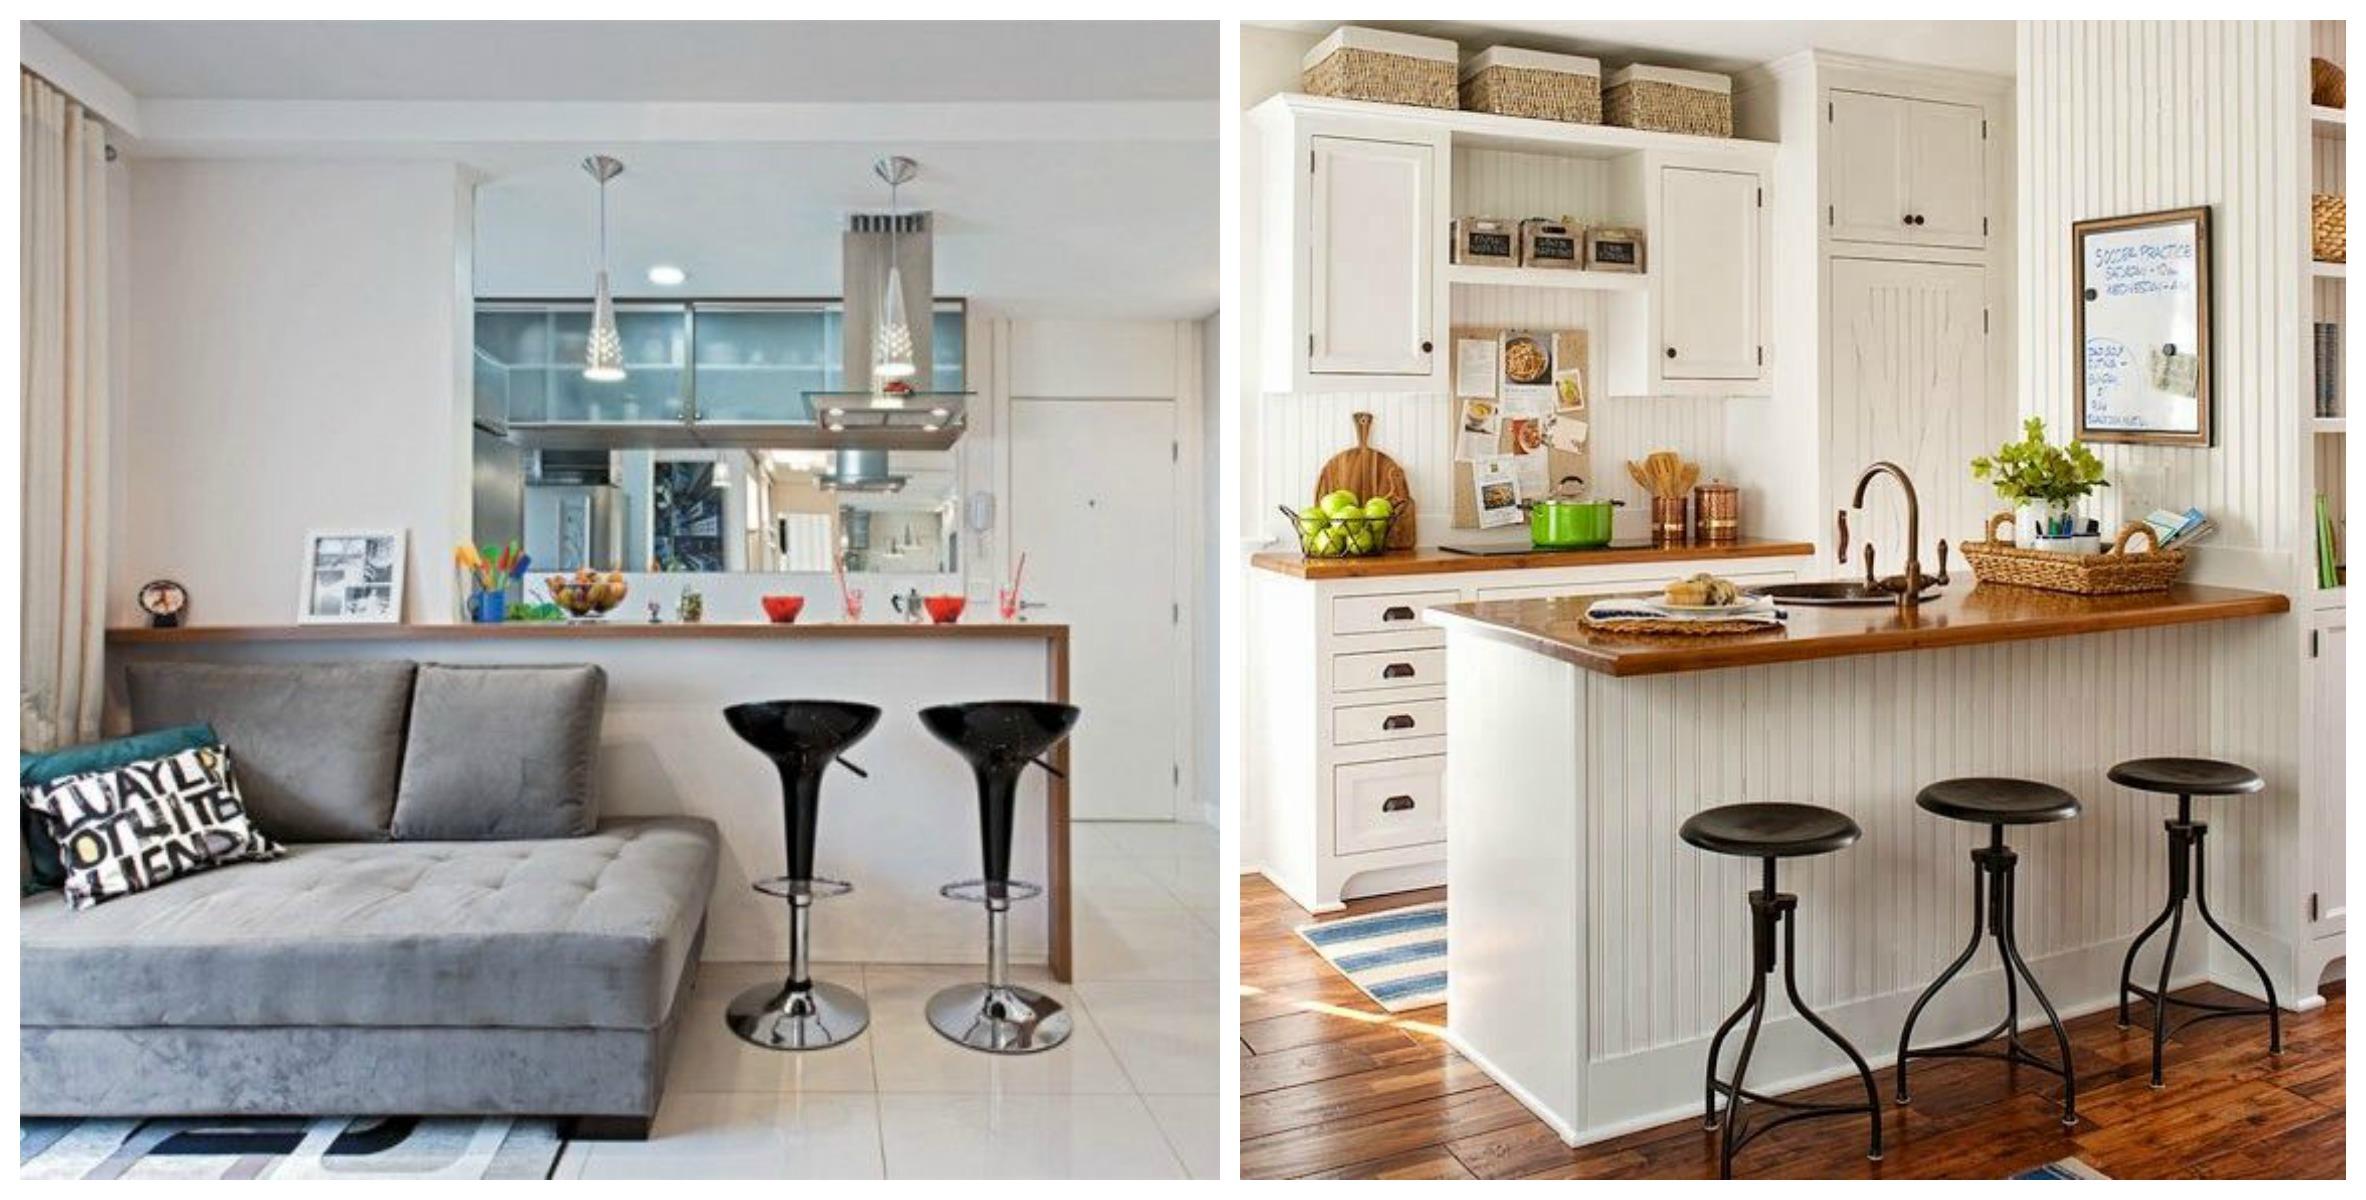 Cozinhas dos sonhos no Pinterest #6E4021 2366 1200